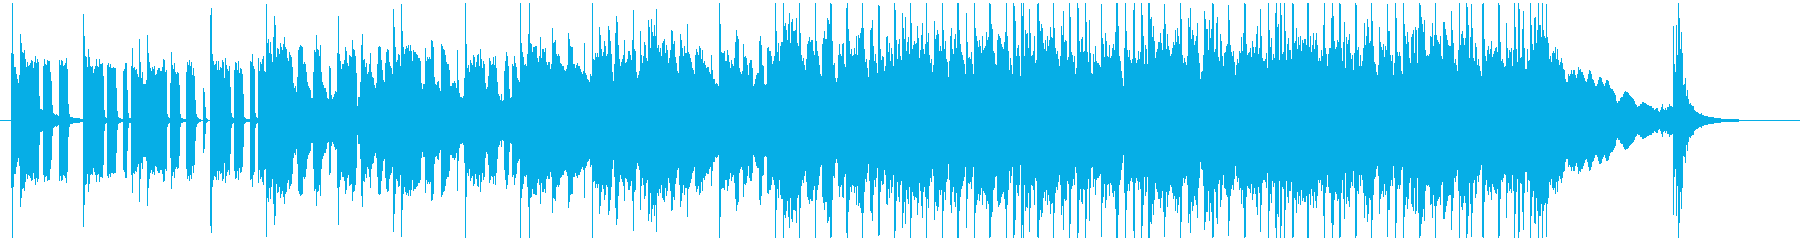 ロックでブルースなギターのジングルの再生済みの波形